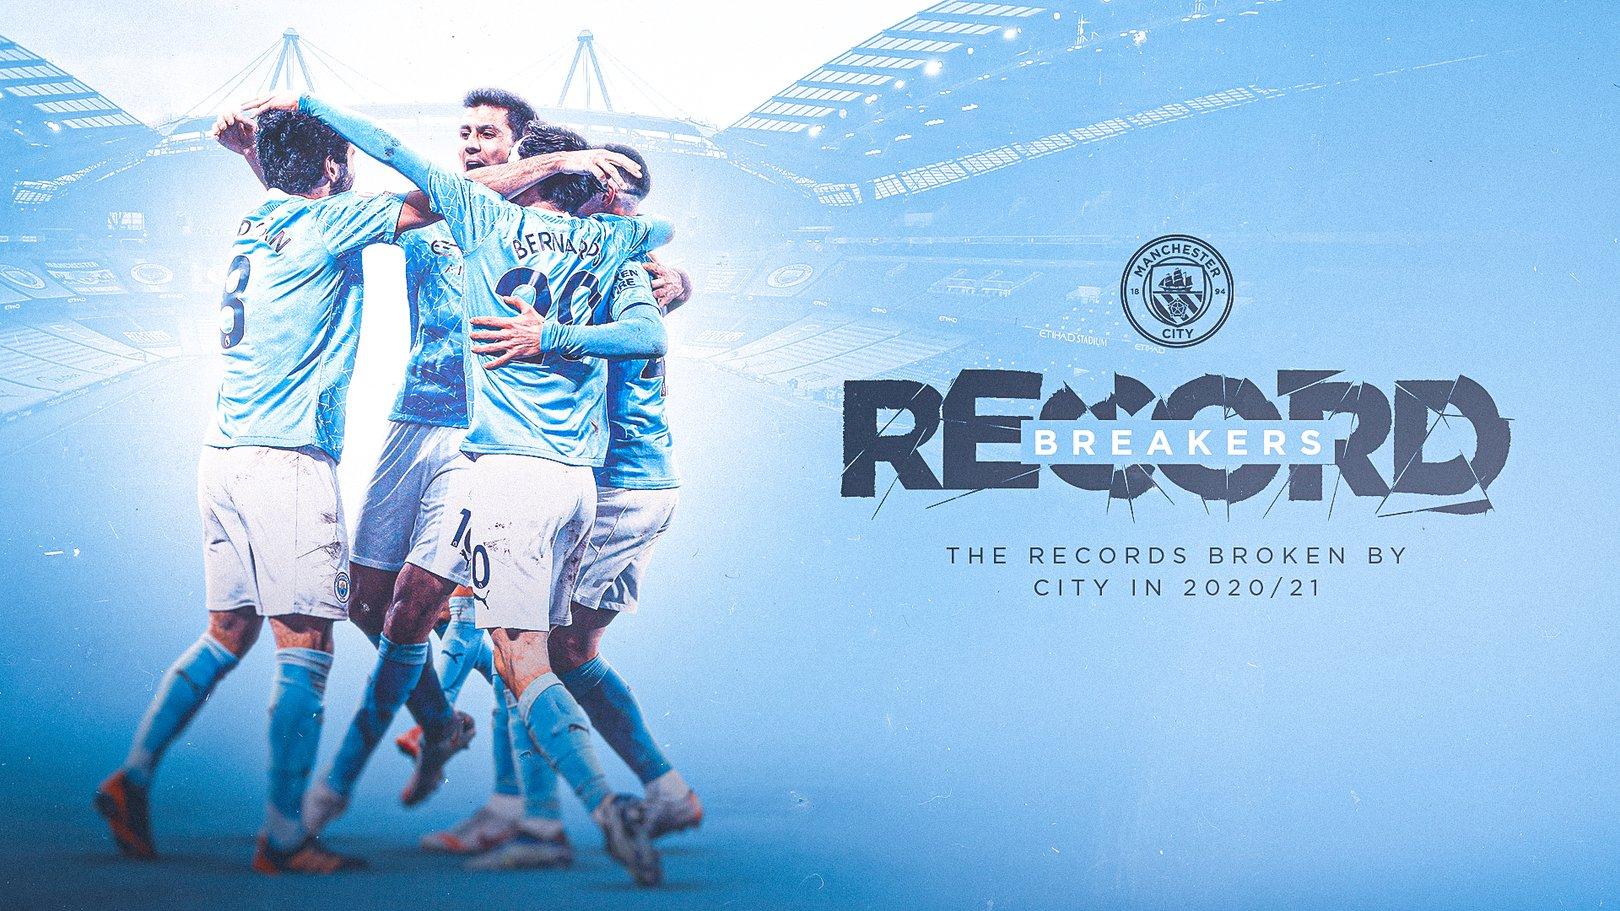 2020-21시즌 프리미어리그 우승과 함께 한 맨체스터 시티의 새로운 기록